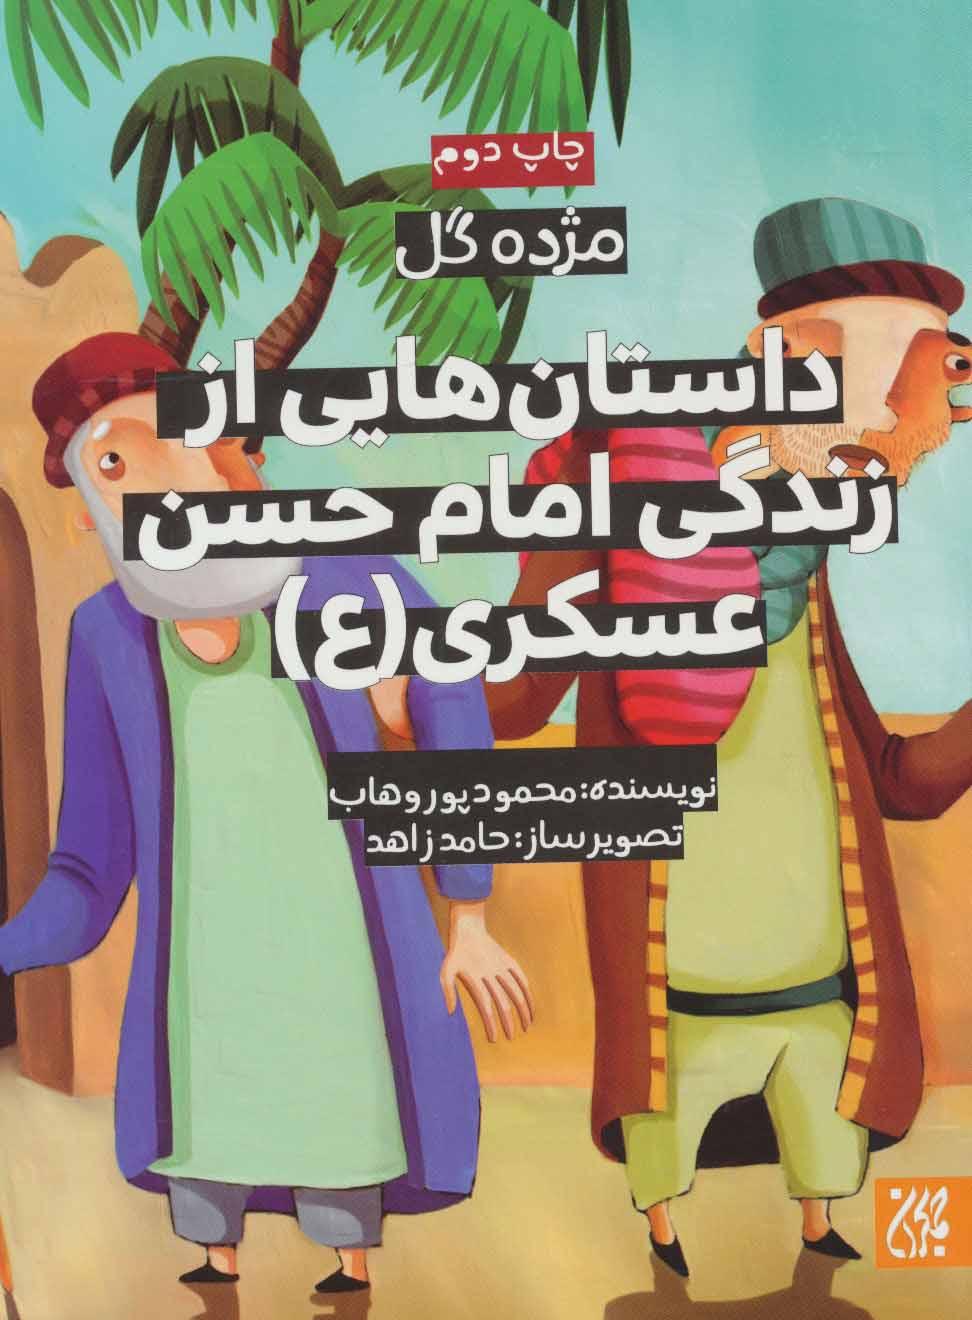 کتاب داستانهایی از زندگی امامحسن عسگری(ع)